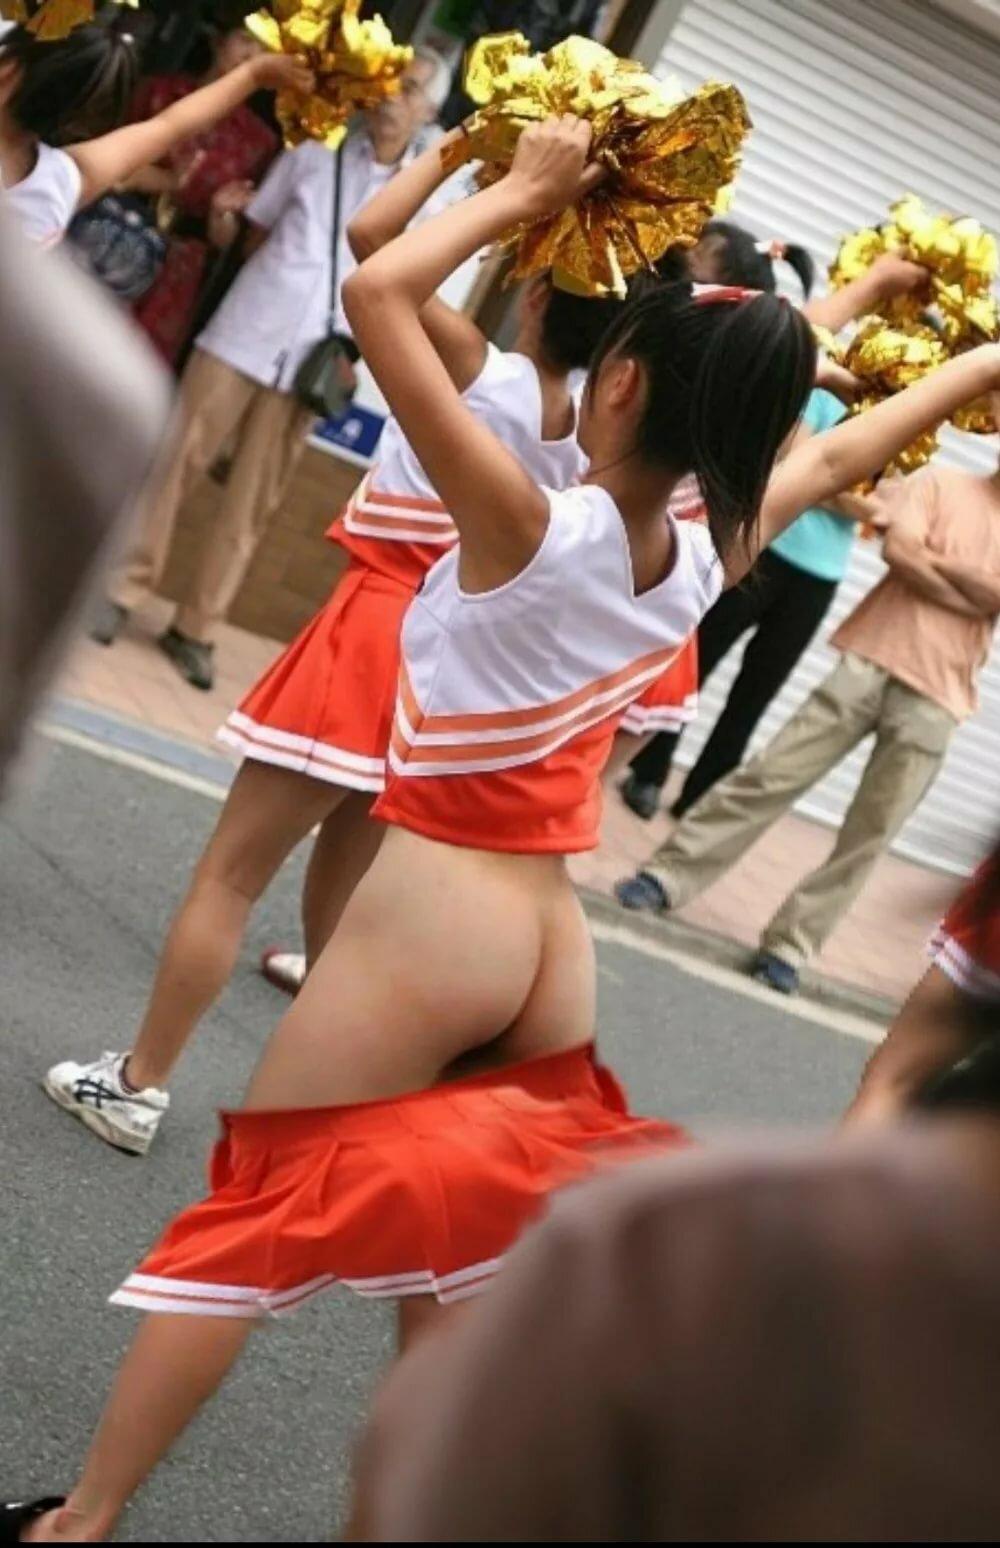 accidental-nudity-school-girls-carrie-prejean-nuse-photos